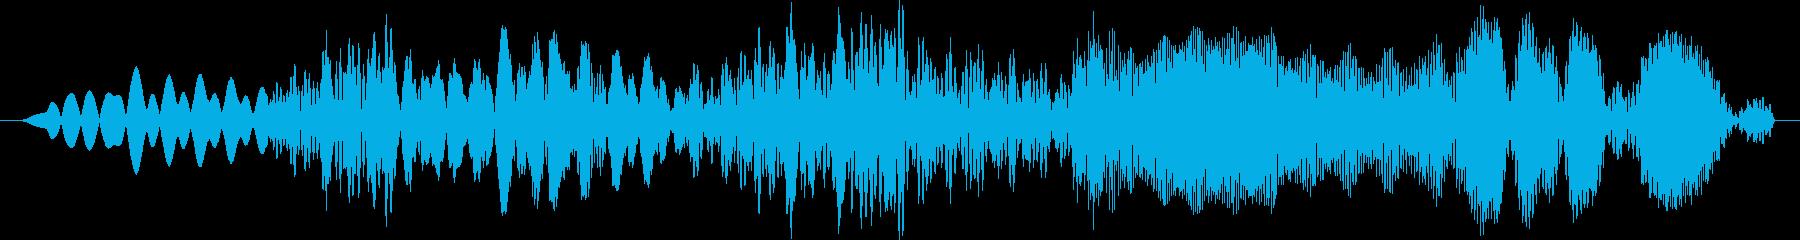 きしみ音のコンピューターデータまた...の再生済みの波形